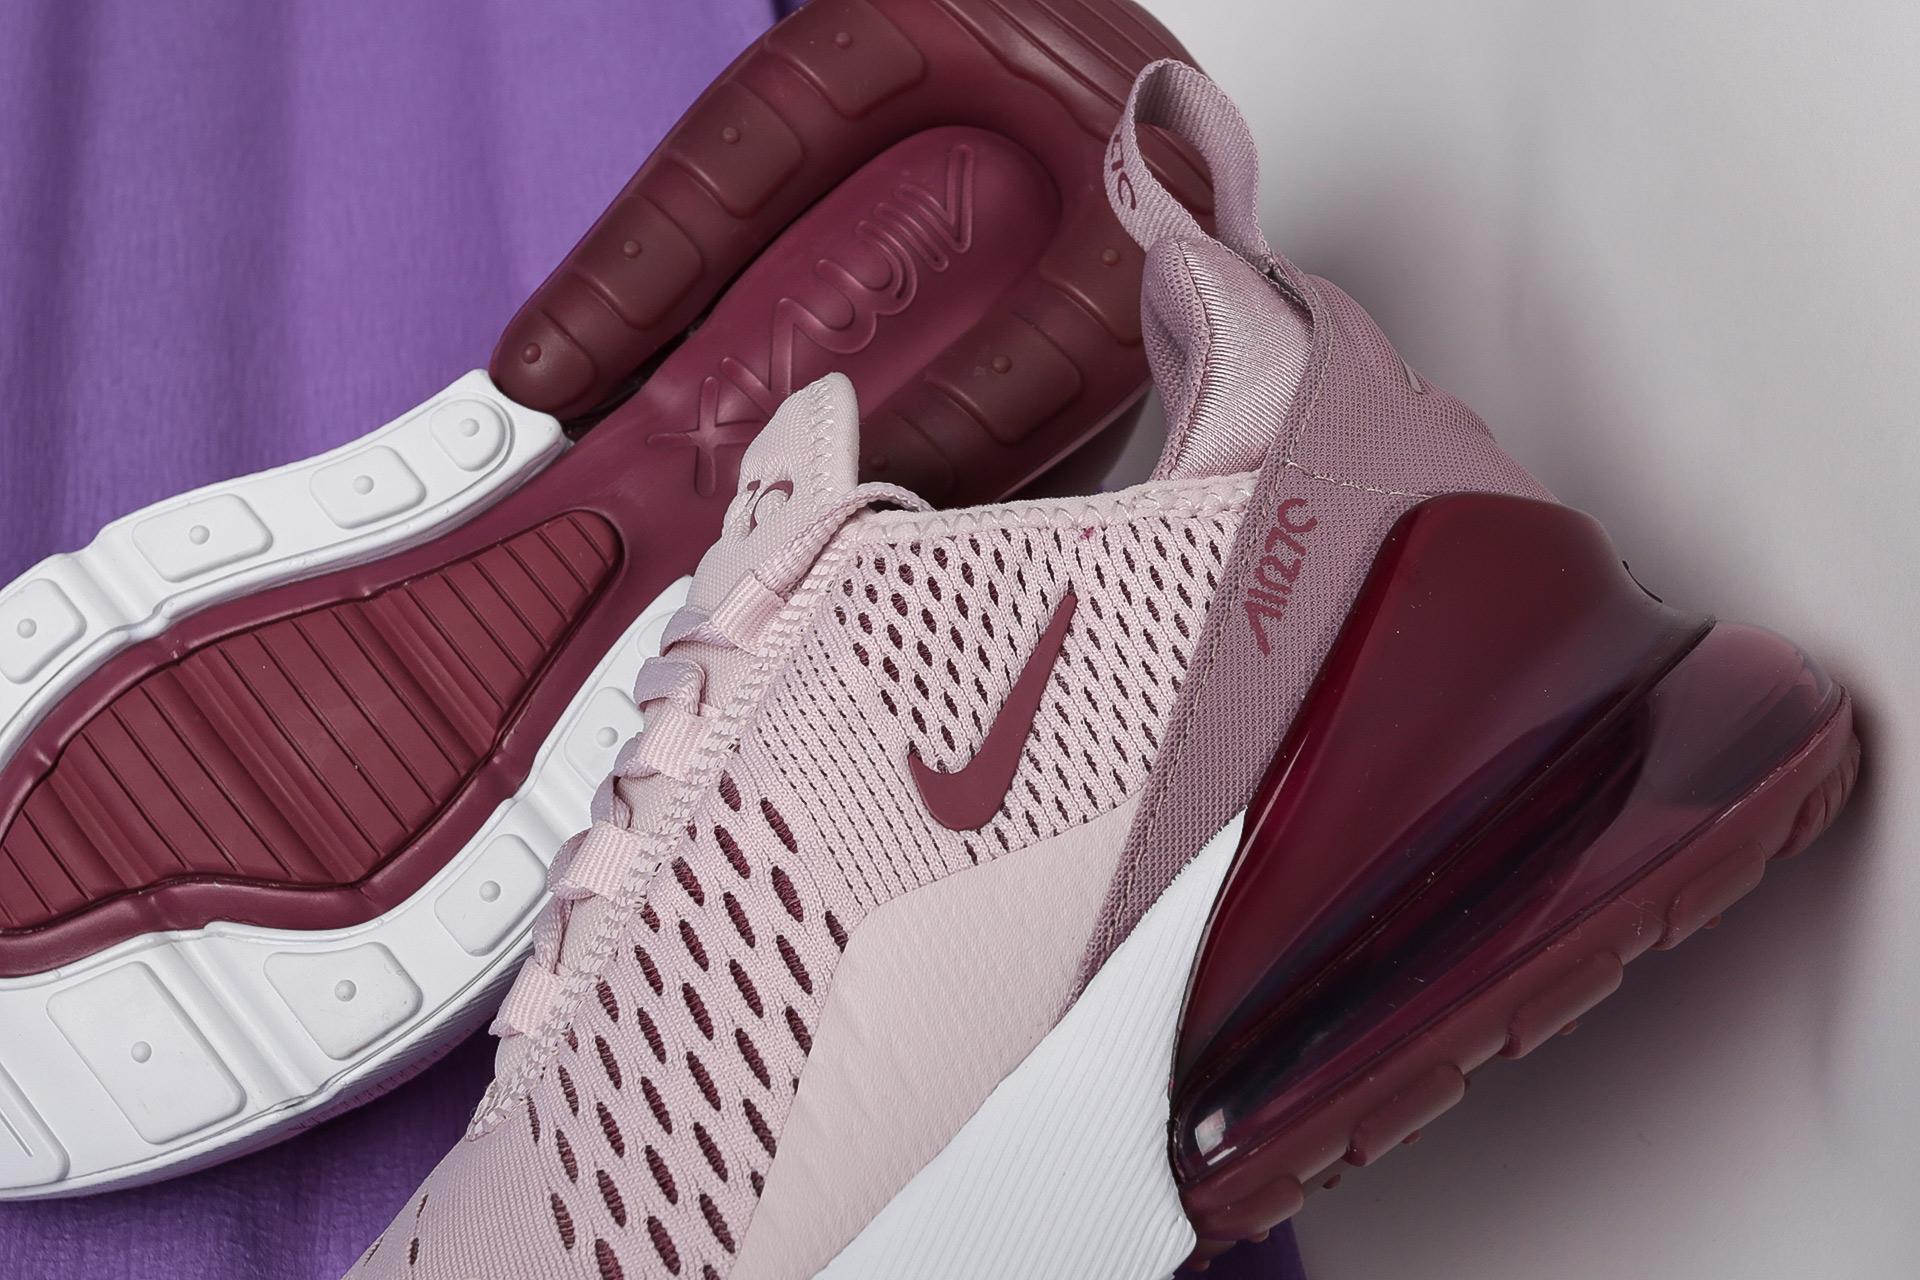 7718da81 ... Купить женские розовые кроссовки Nike WMNS Air Max 270 - фото 4 картинки